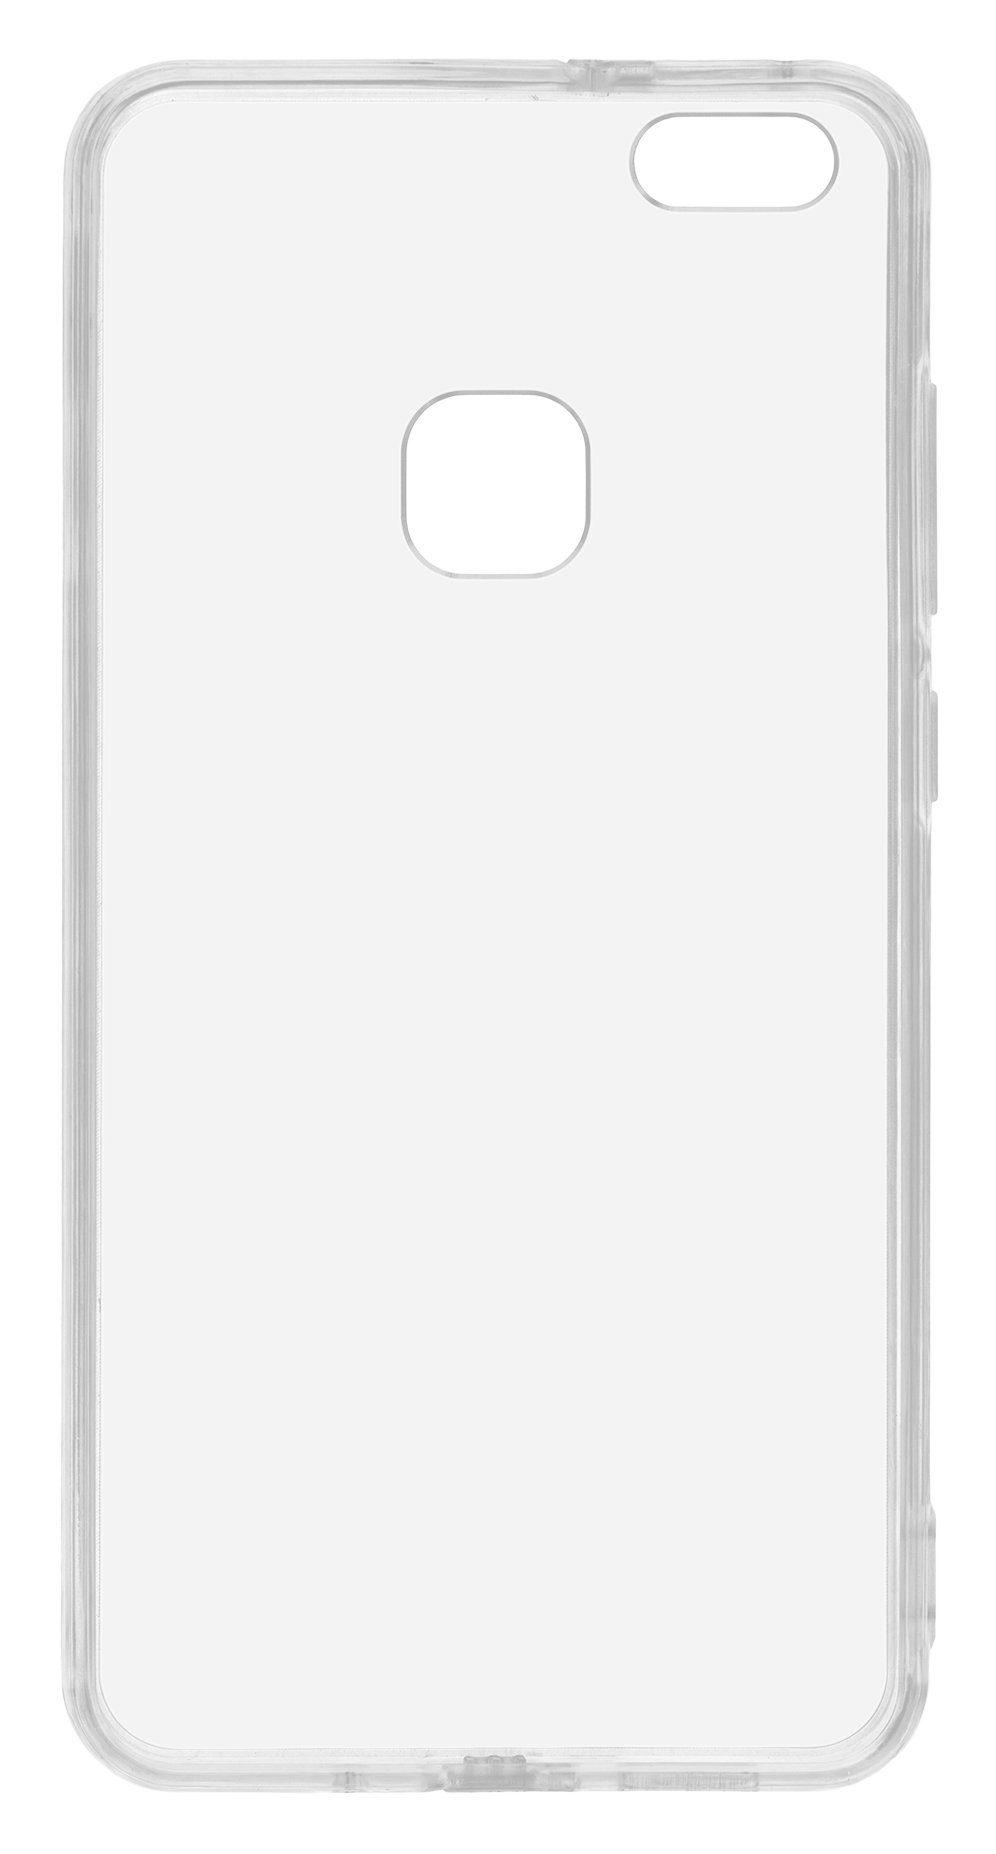 Scutes Deluxe GSM - Zubehör »Schutzhülle - Huawei P10 lite«